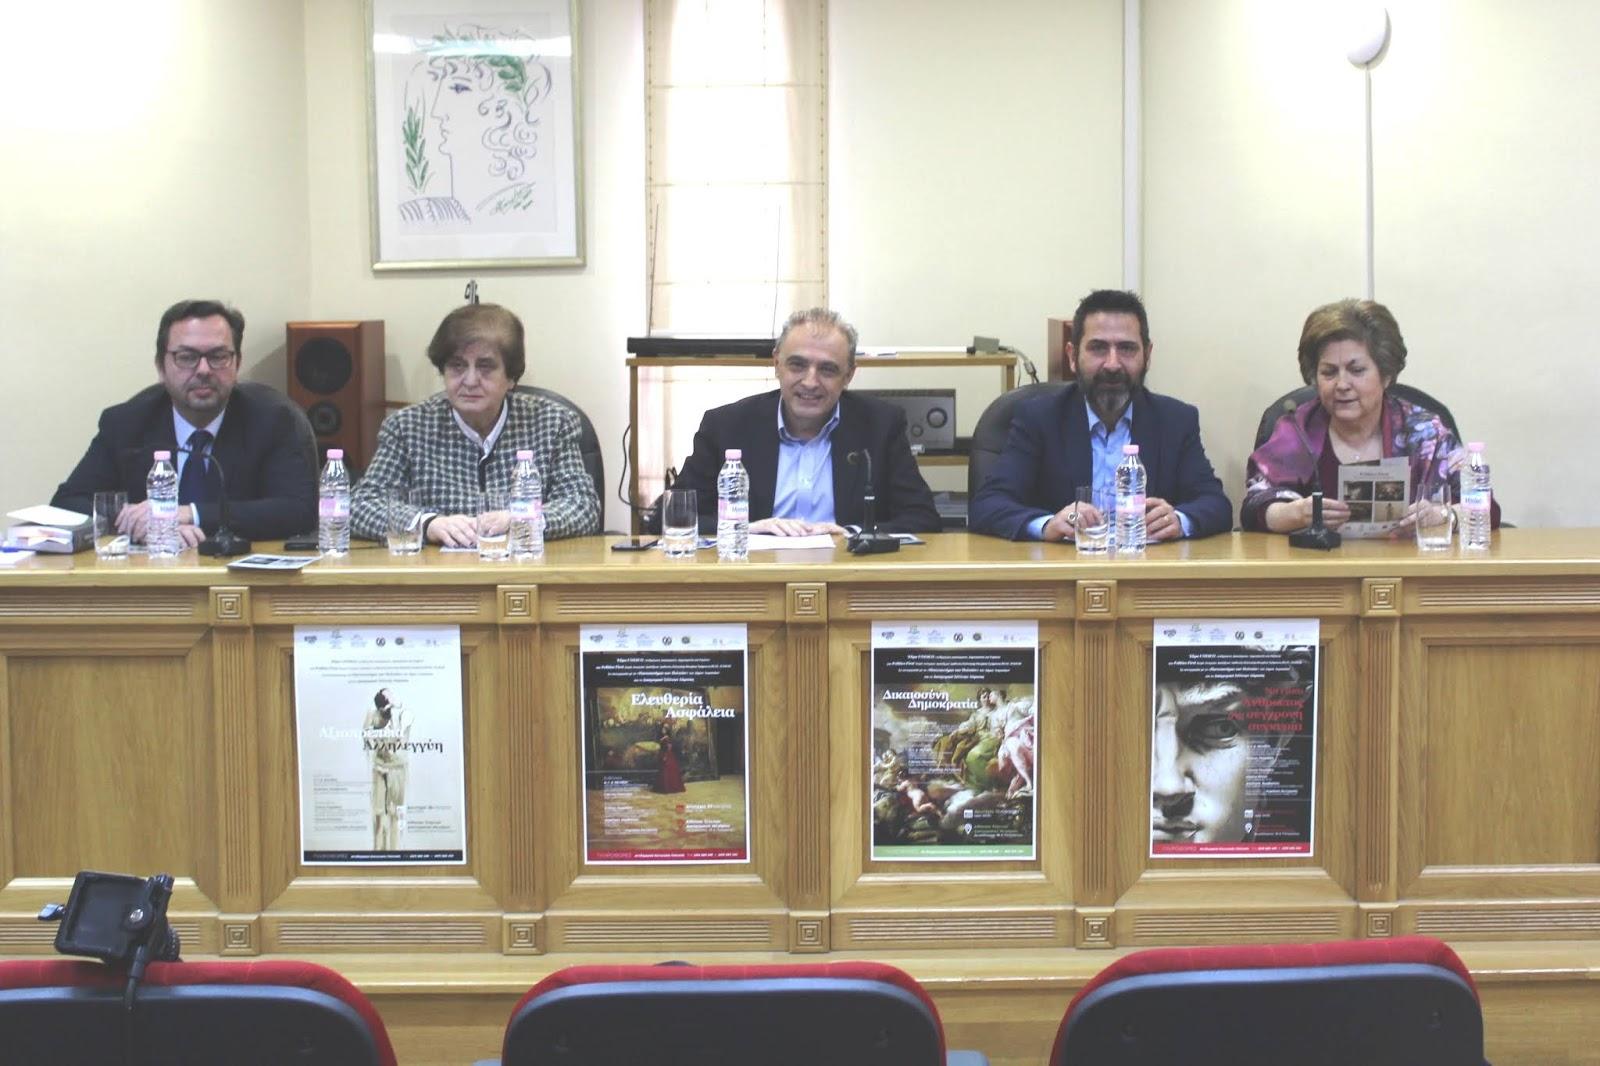 Συνεργασία Δήμου Λαρισαίων – Πανεπιστήμιου Πολιτών, Δικηγορικού Συλλόγου, σειράς διαλέξεων Politics First